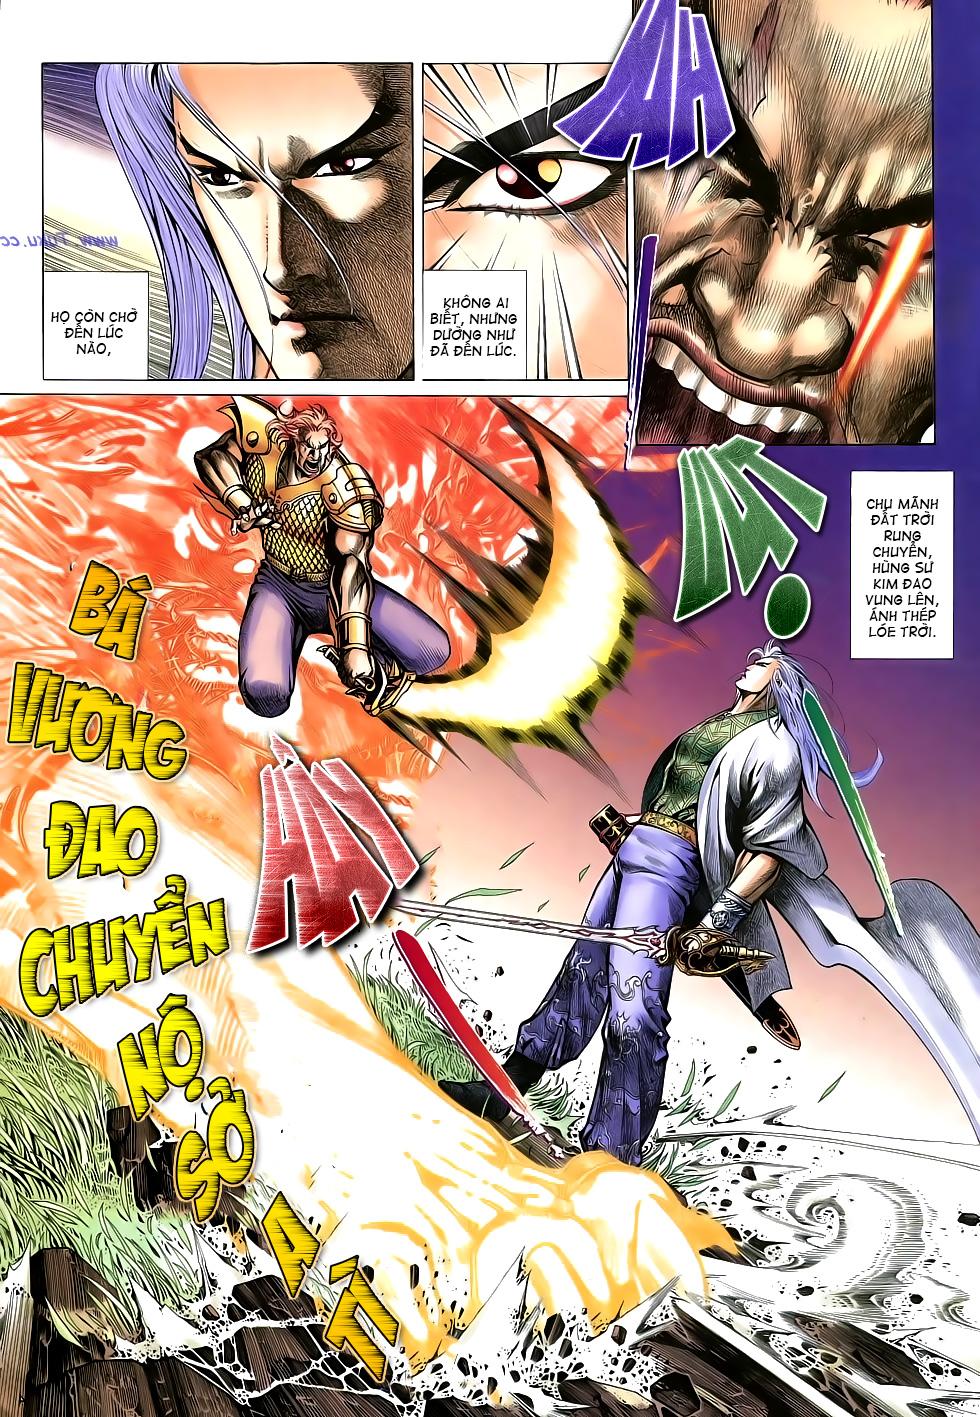 Anh hùng vô lệ Chap 16: Kiếm túy sư cuồng bất lưu đấu  trang 5